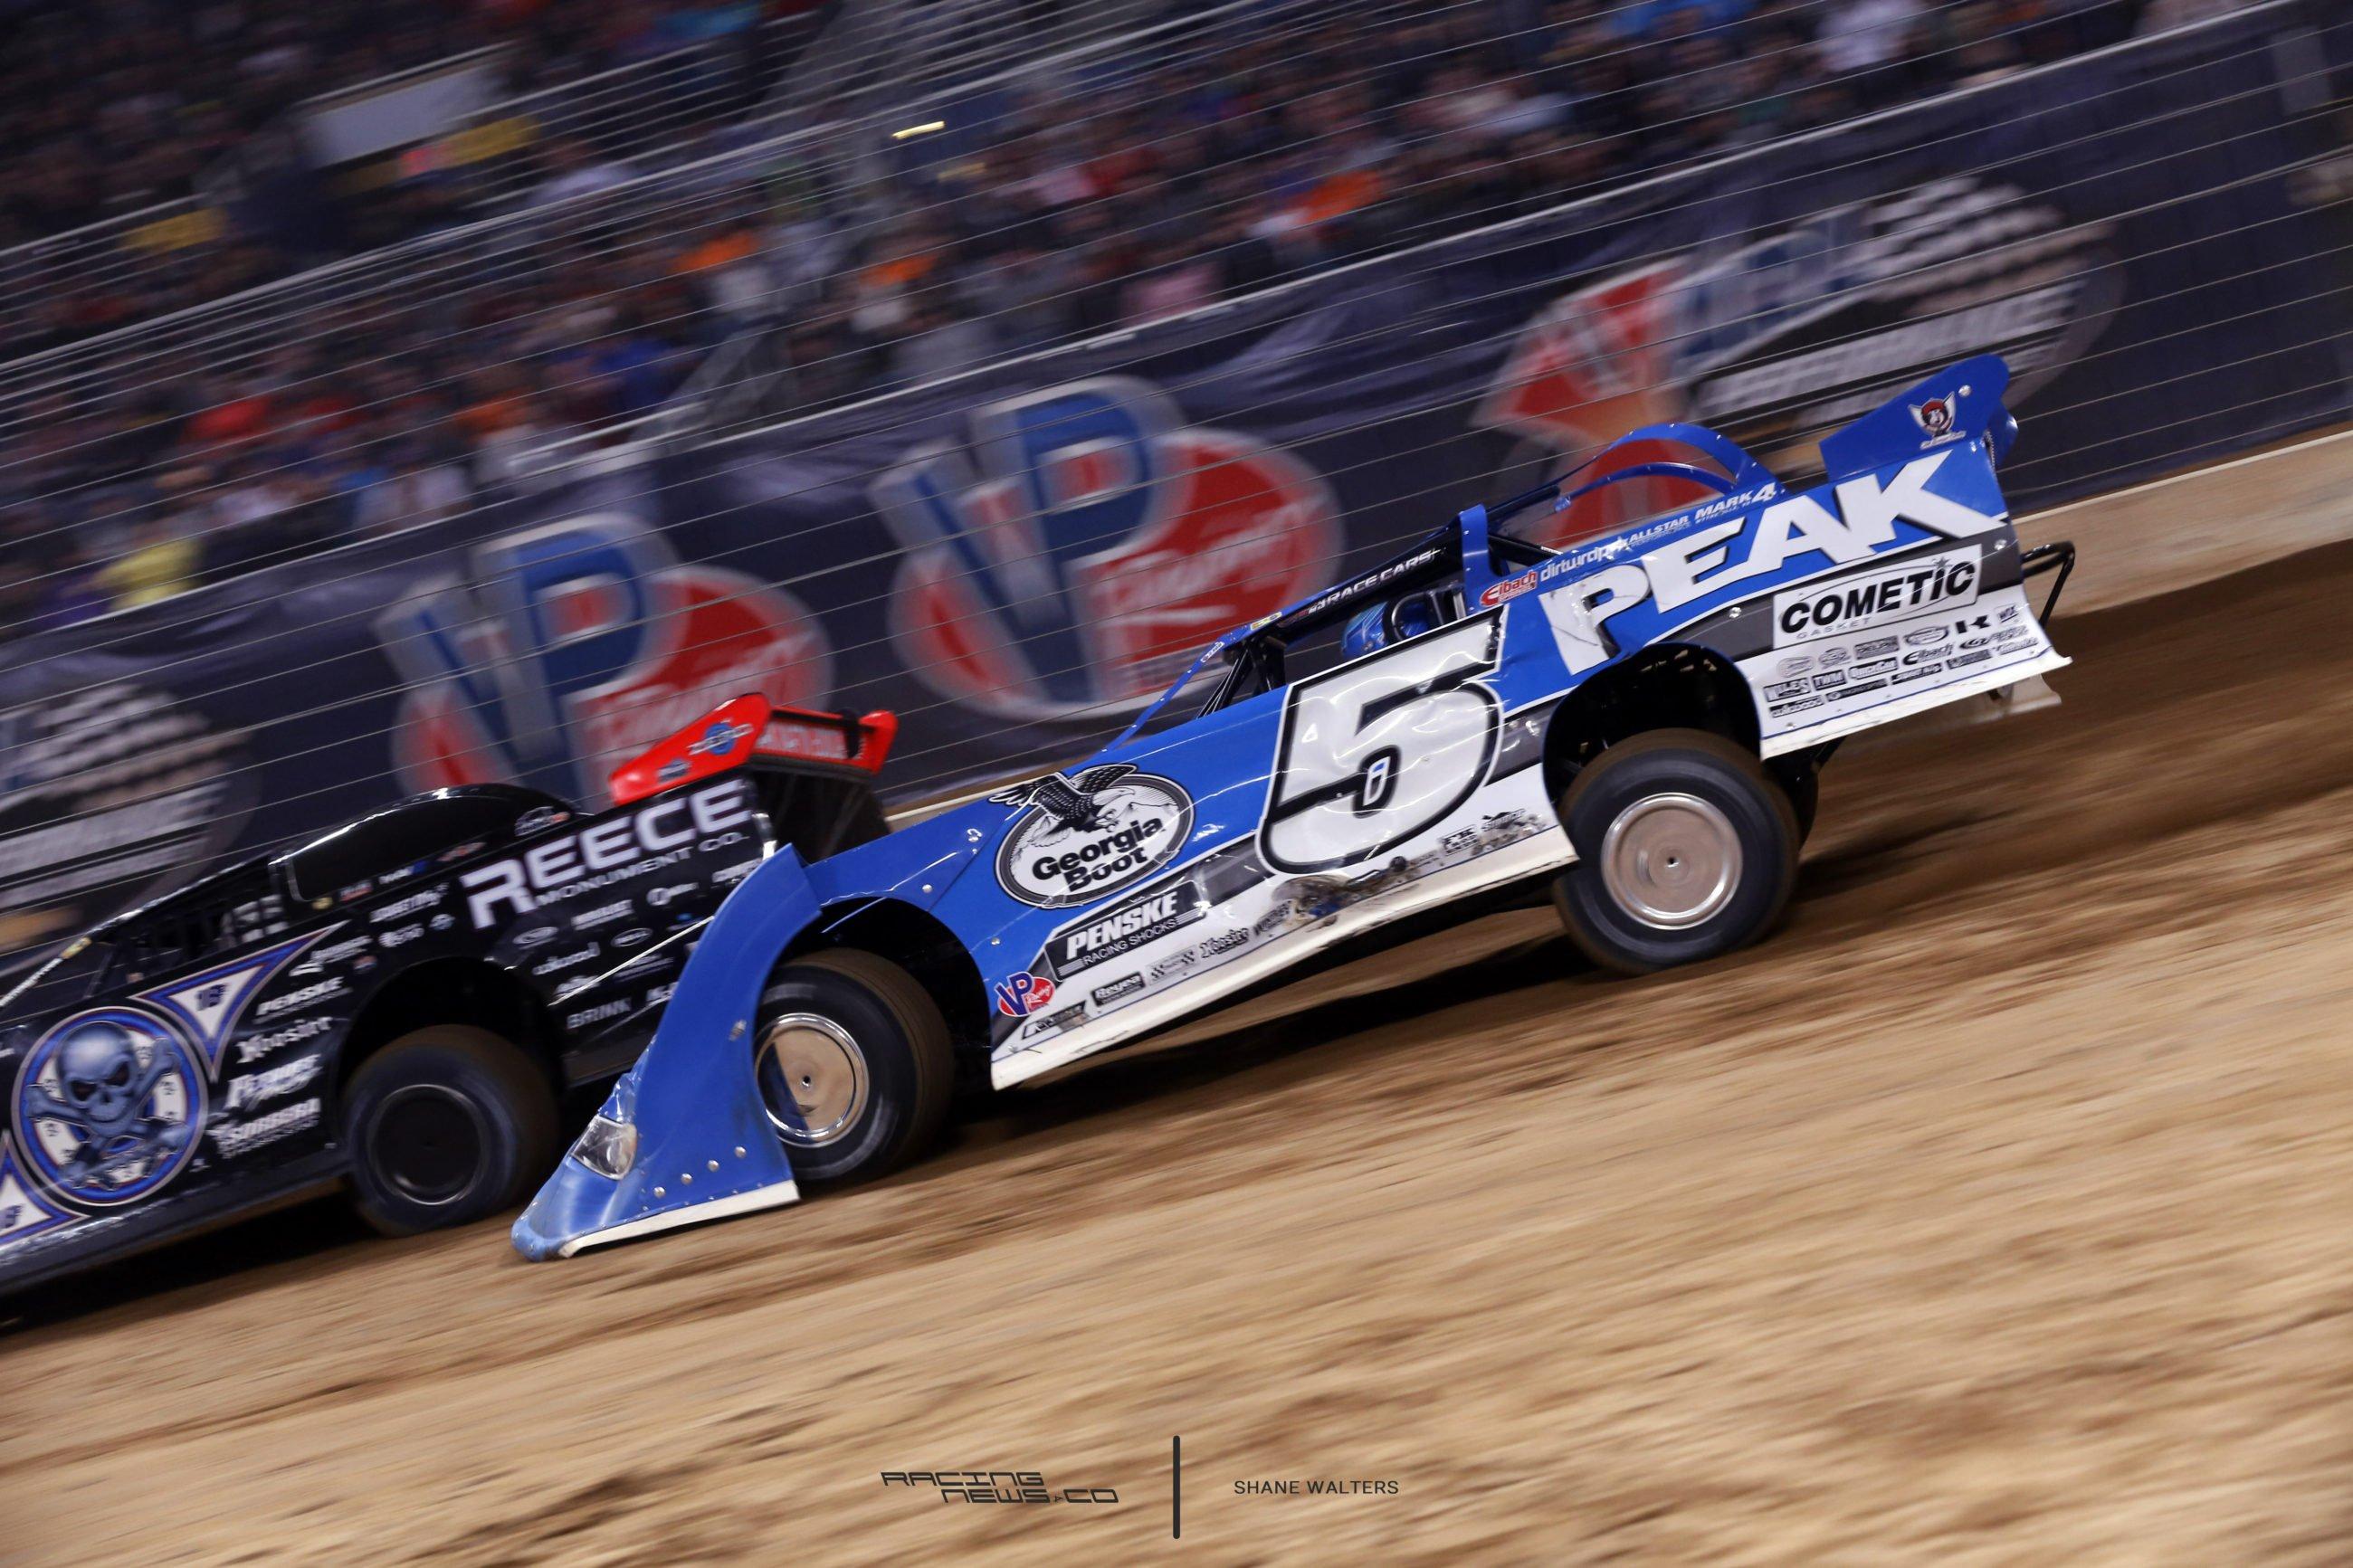 Don Oneal Scott Bloomquist Racing Photos 9152